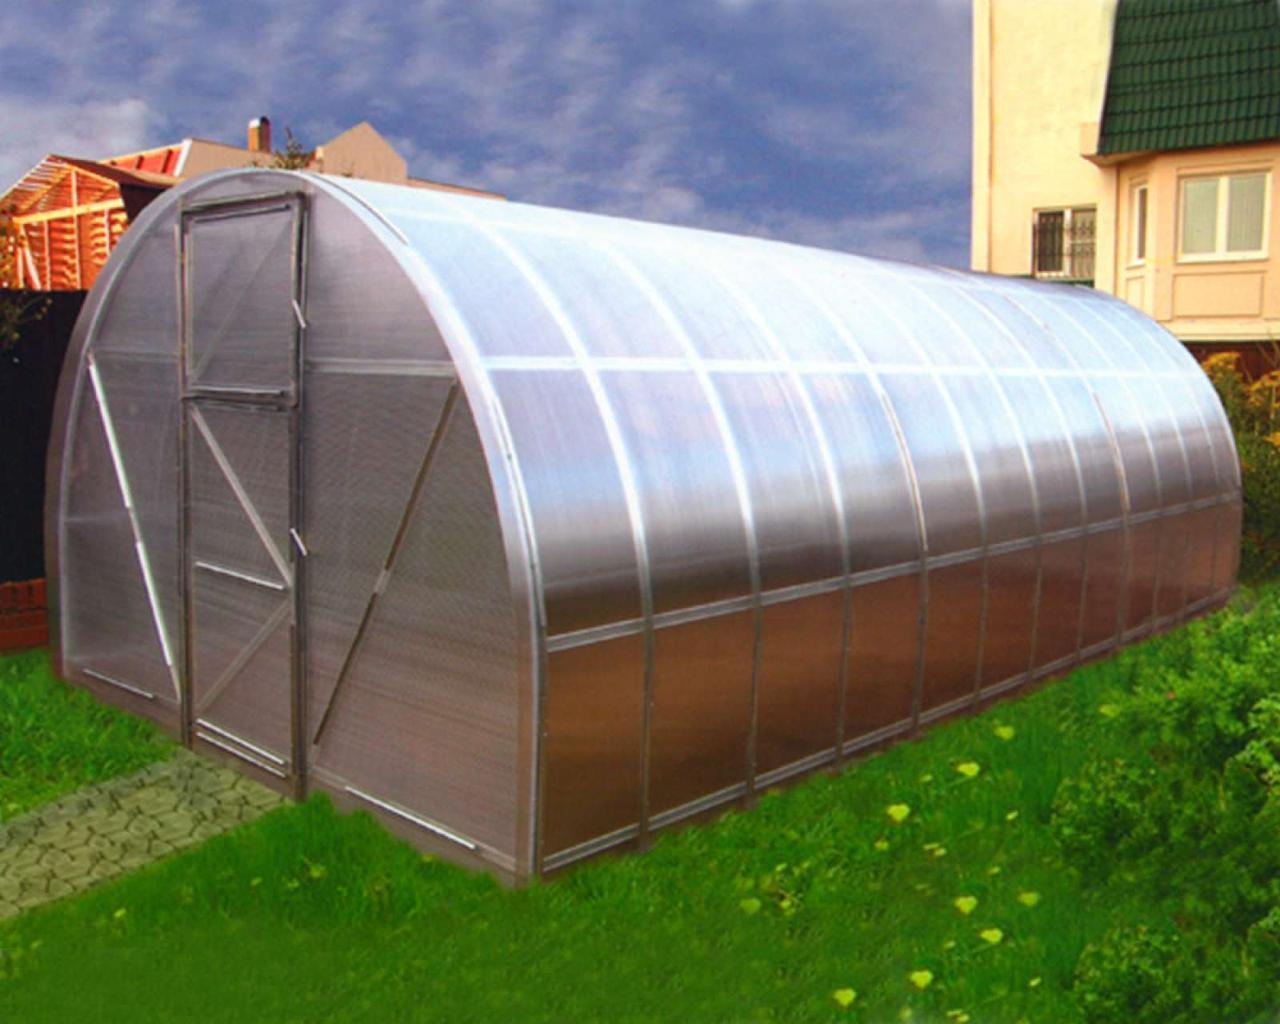 Теплиця Oscar Господарка 18 м2, 300х600х200 см з стільниковим полікарбонатом 8 мм SKL54-240814